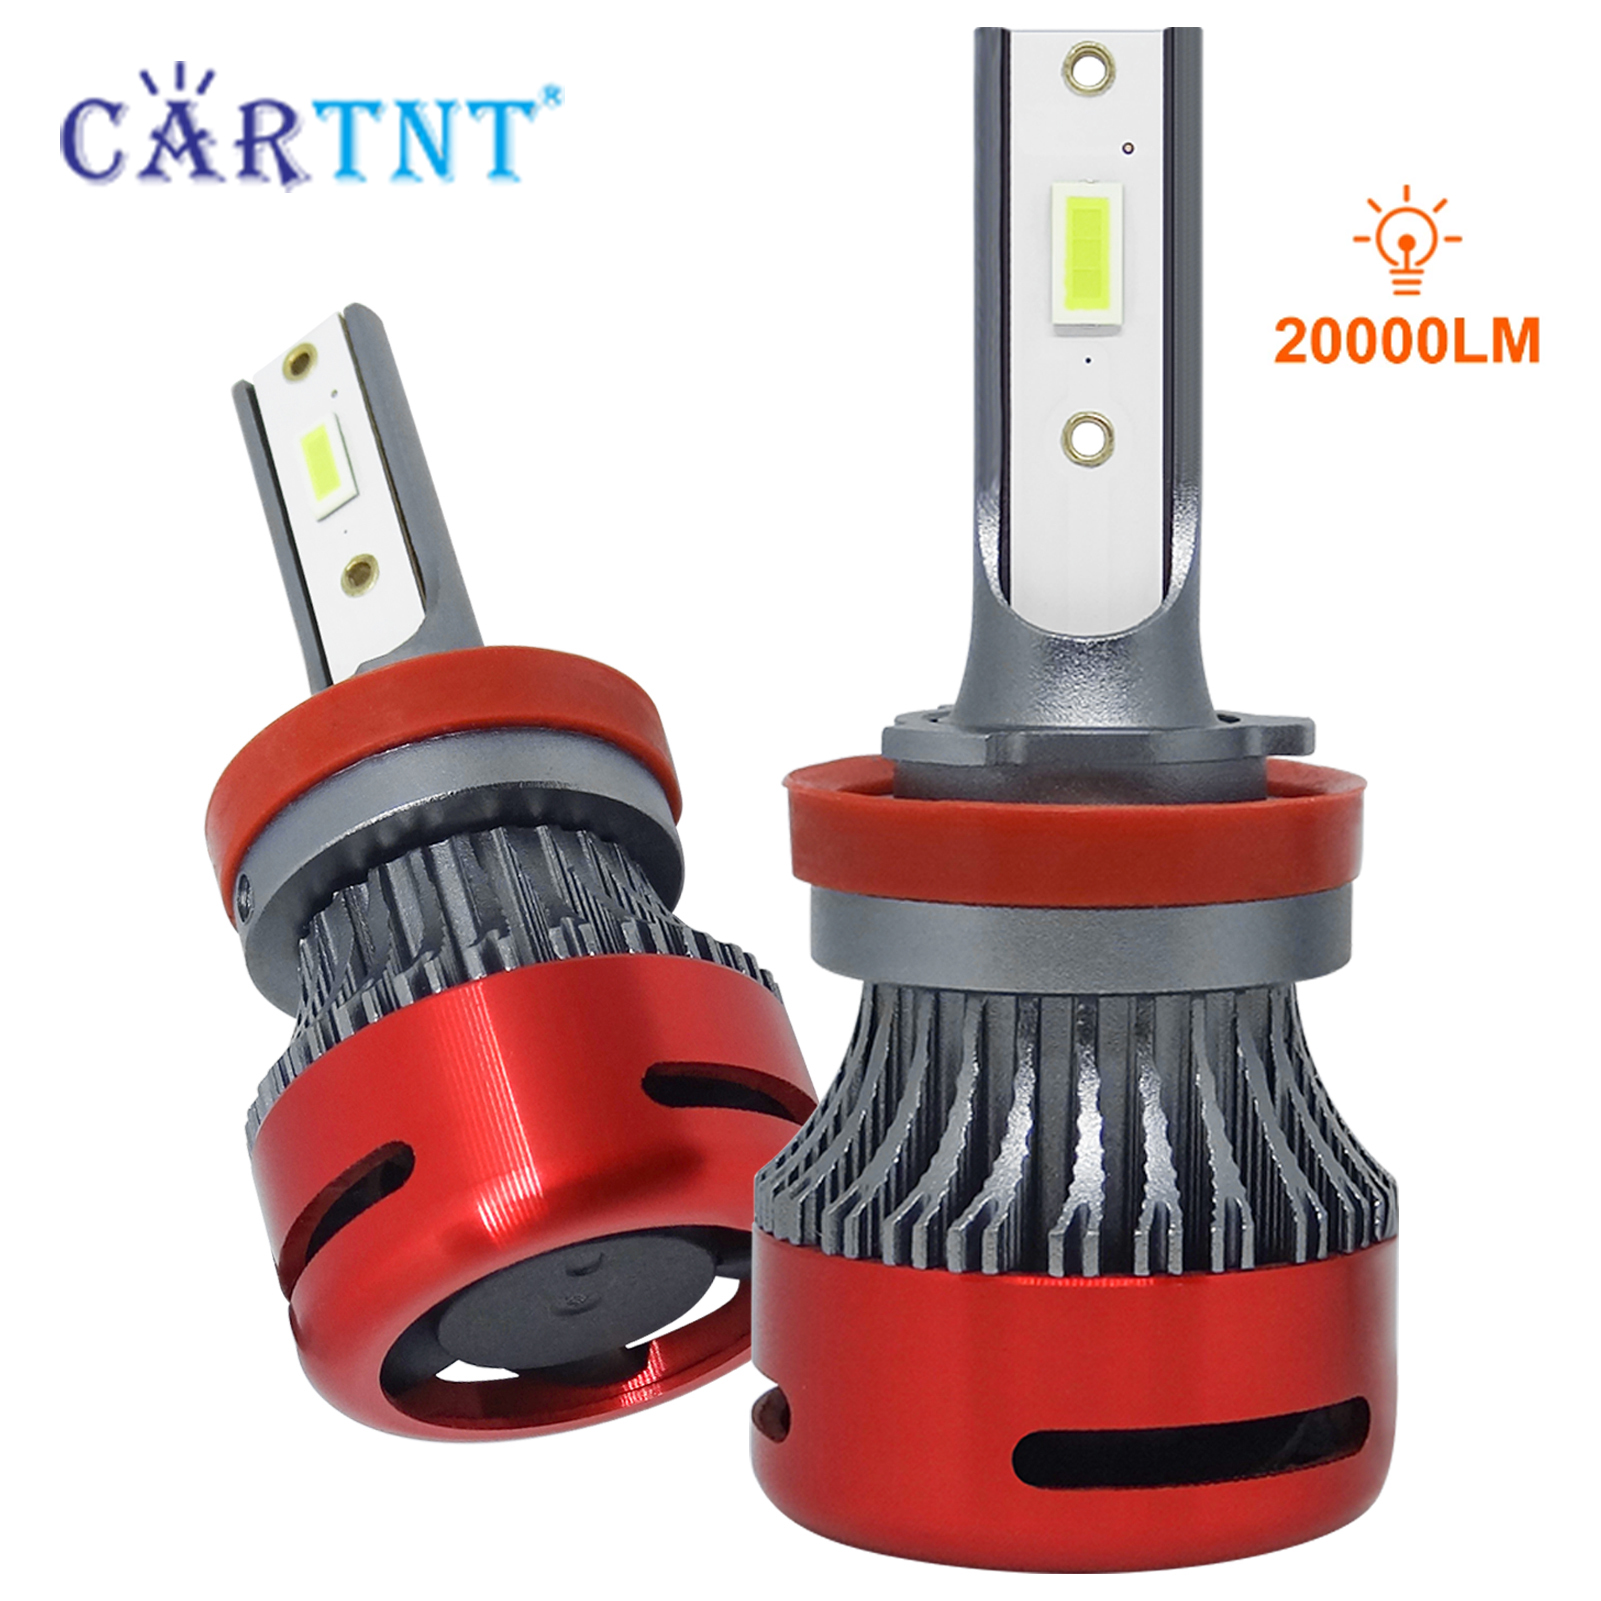 CarTnT 2 шт. H7 светодиодный 20000LM 150 Вт автомобильный светильник 9012 H7 H8 H11 H1 H3 9005 9006 HB3 HB4 H13 светодиодный головной светильник для автоламп Turbo лампы а...